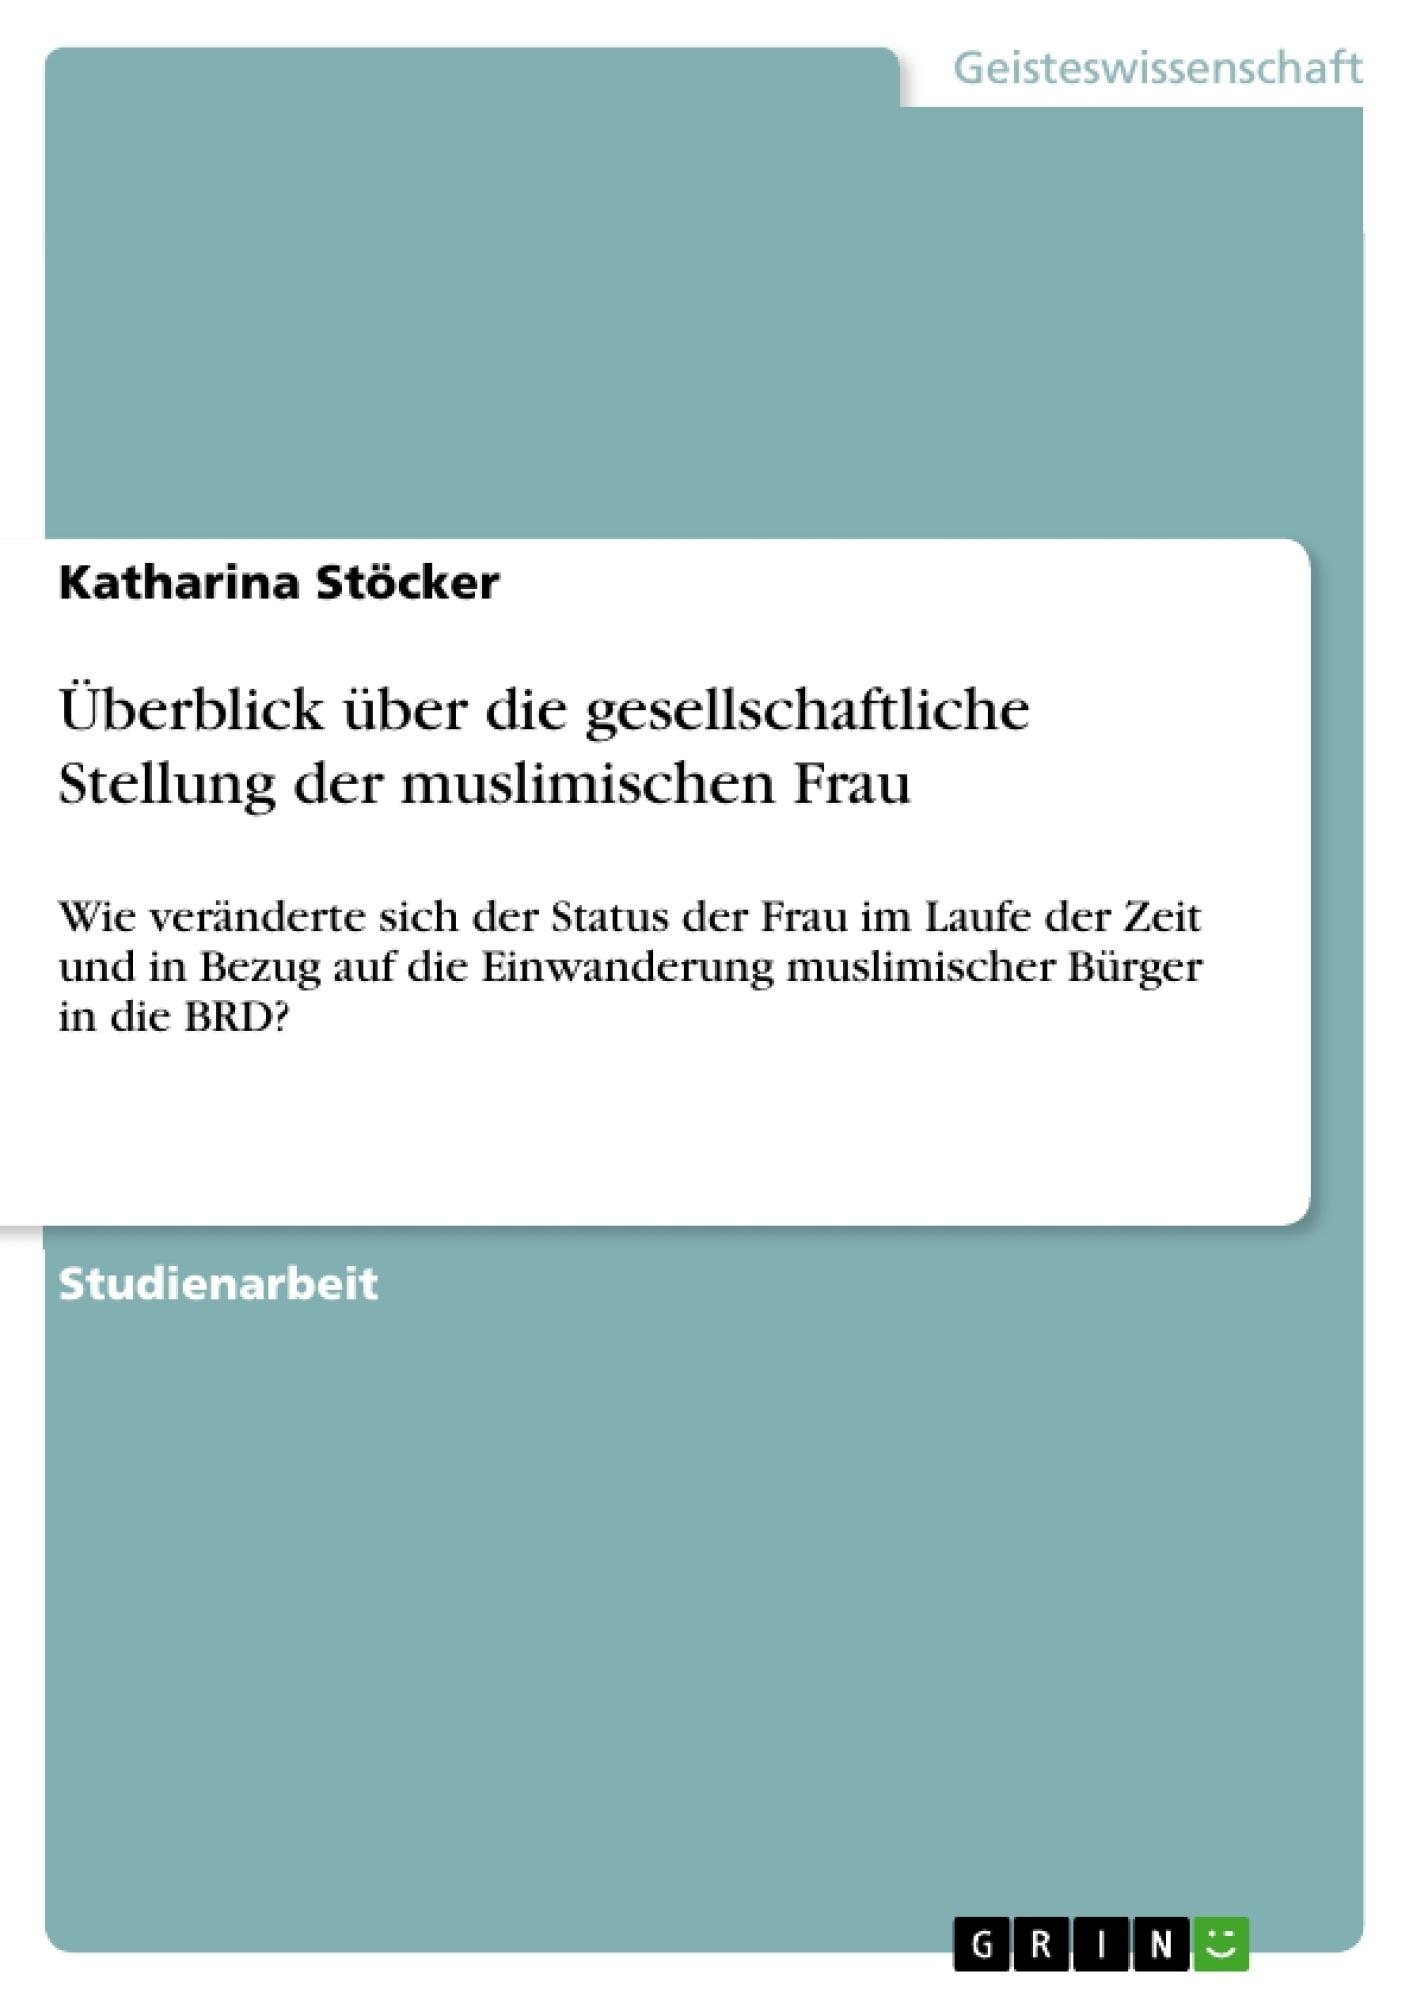 Titel: Überblick über die gesellschaftliche Stellung der muslimischen Frau